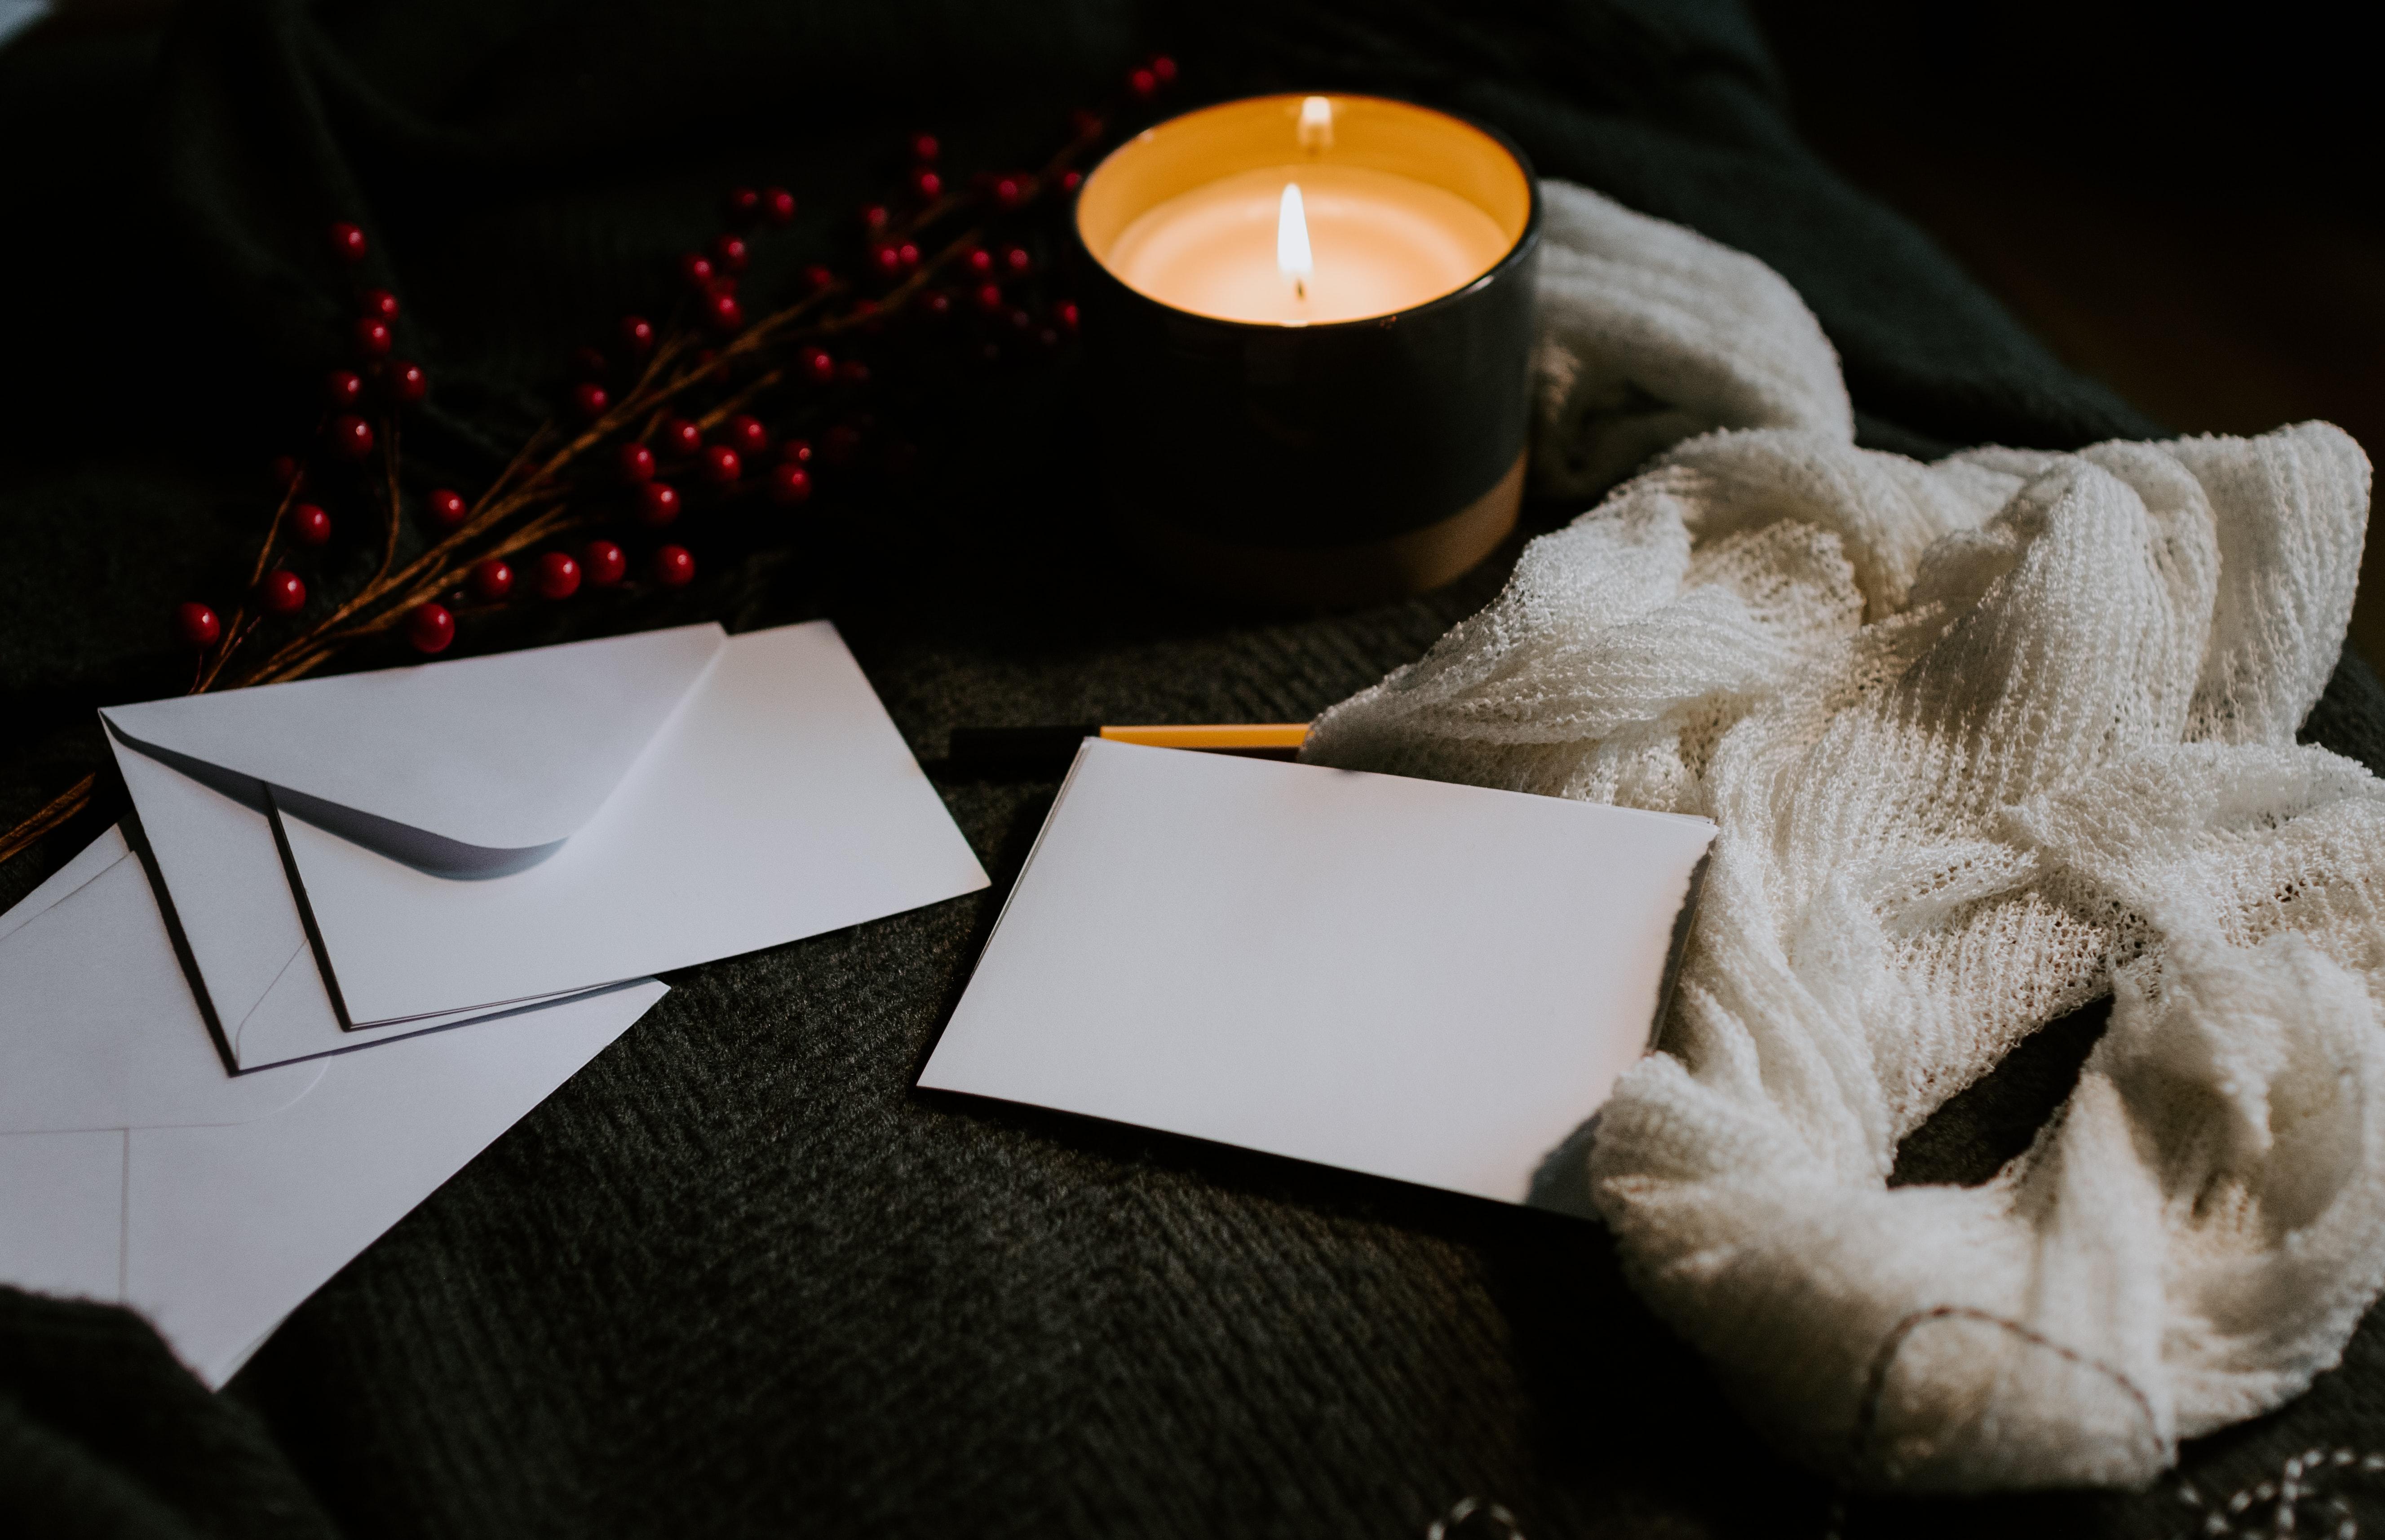 аромат в дома, ароматна свещ